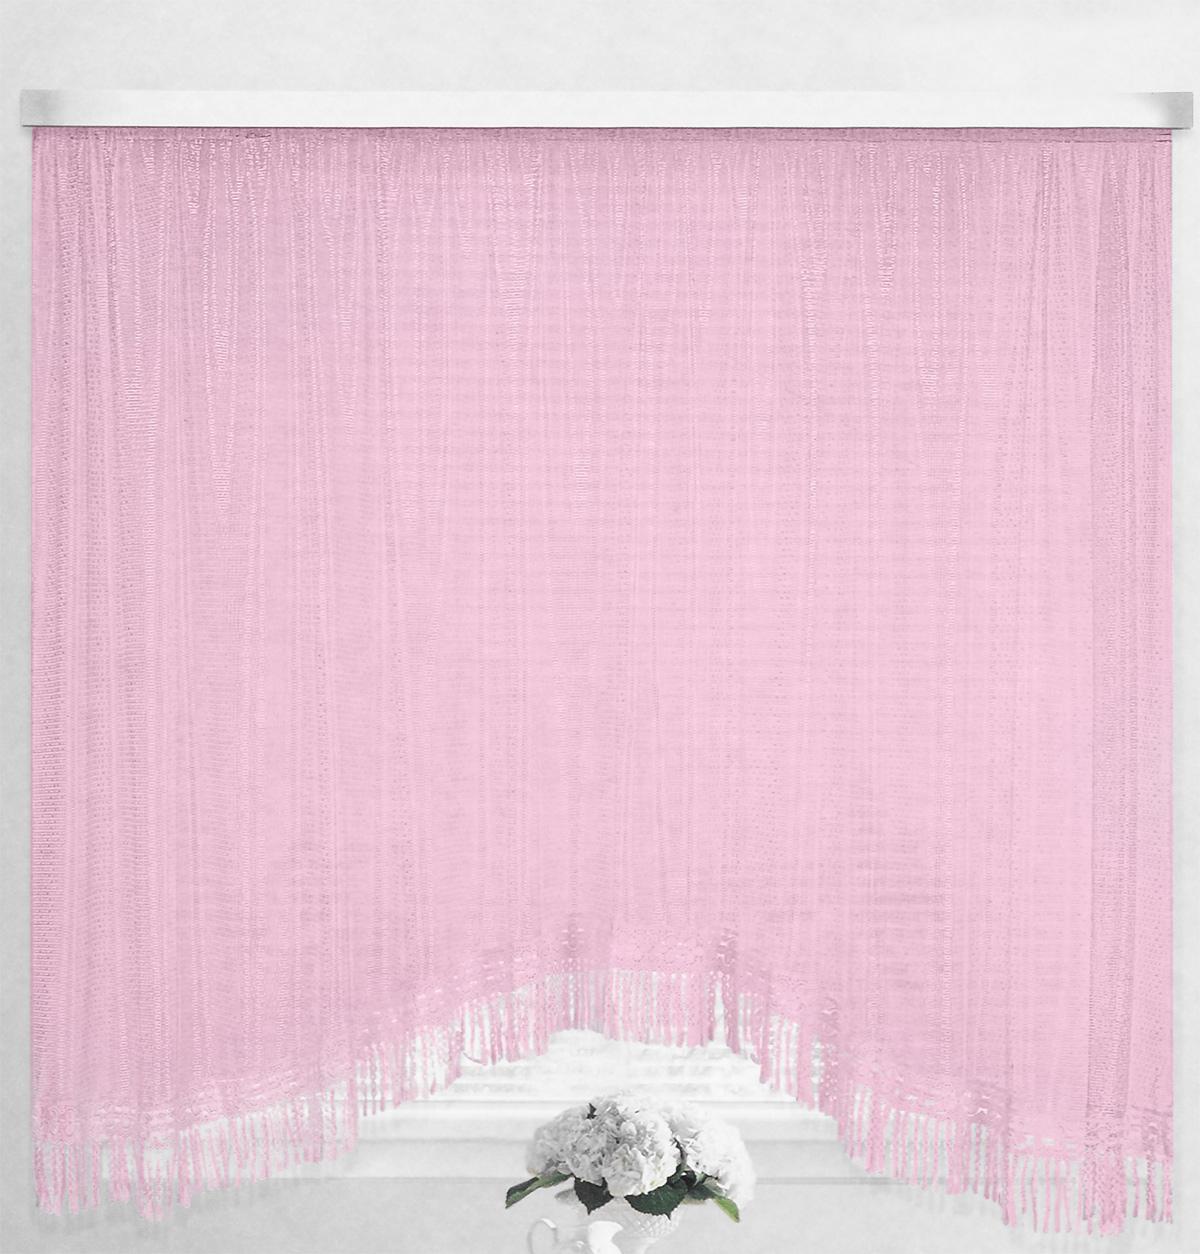 Штора-арка ТД Текстиль Капли росы, на ленте, цвет: розовый, высота 165 смK100Штора-арка ТД Текстиль Капли росы великолепно украсит любое окно. Штора выполнена из качественного сетчатого полиэстера и декорирована бахромой. Полупрозрачная ткань, оригинальный дизайн и приятная цветовая гамма привлекут к себе внимание и позволят шторе органично вписаться в интерьер помещения. Штора крепится на карниз при помощи шторной ленты, которая поможет красиво и равномерно задрапировать верх. Изделие отлично подходит для кухни, столовой и спальни.